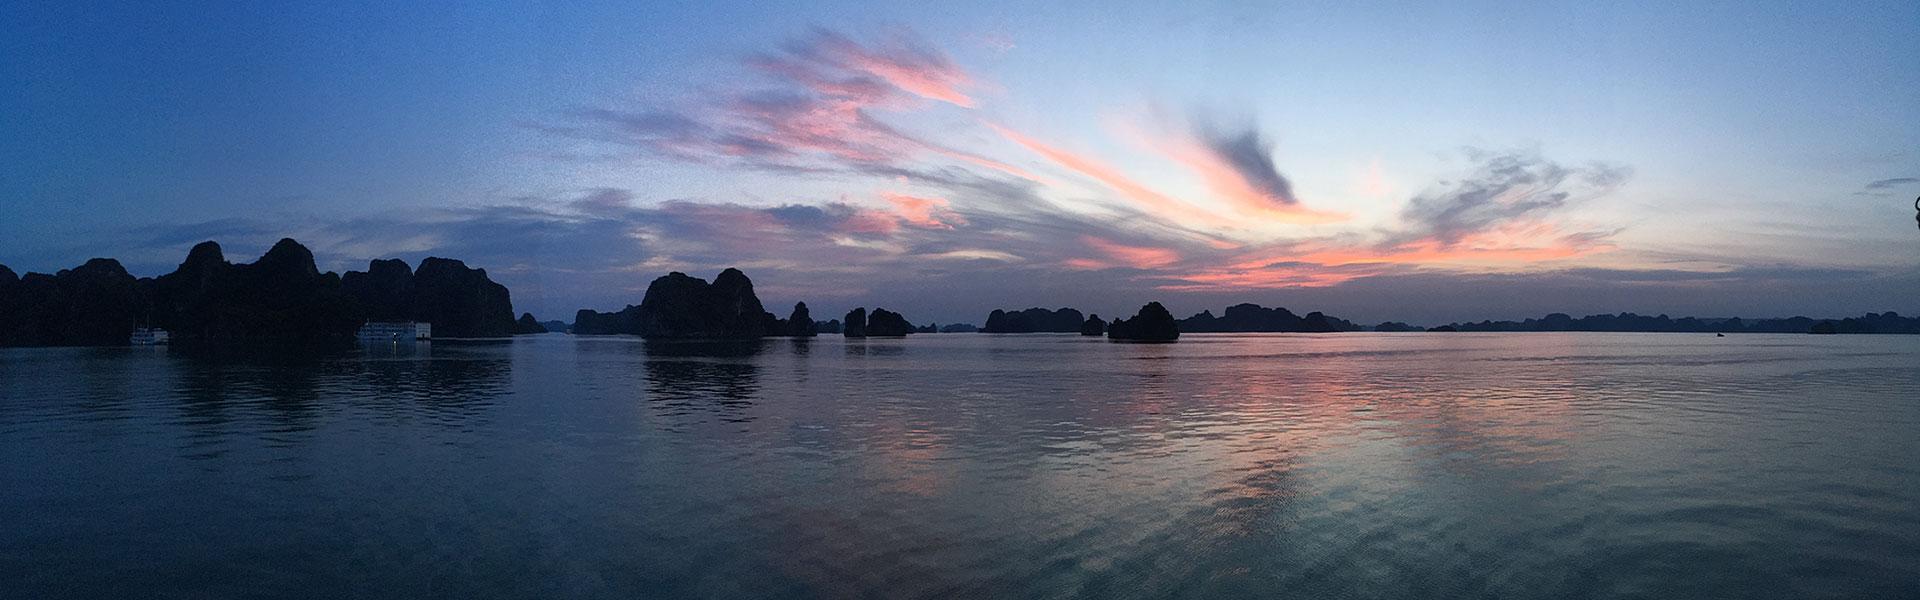 Croisière Baie Halong Vietnam